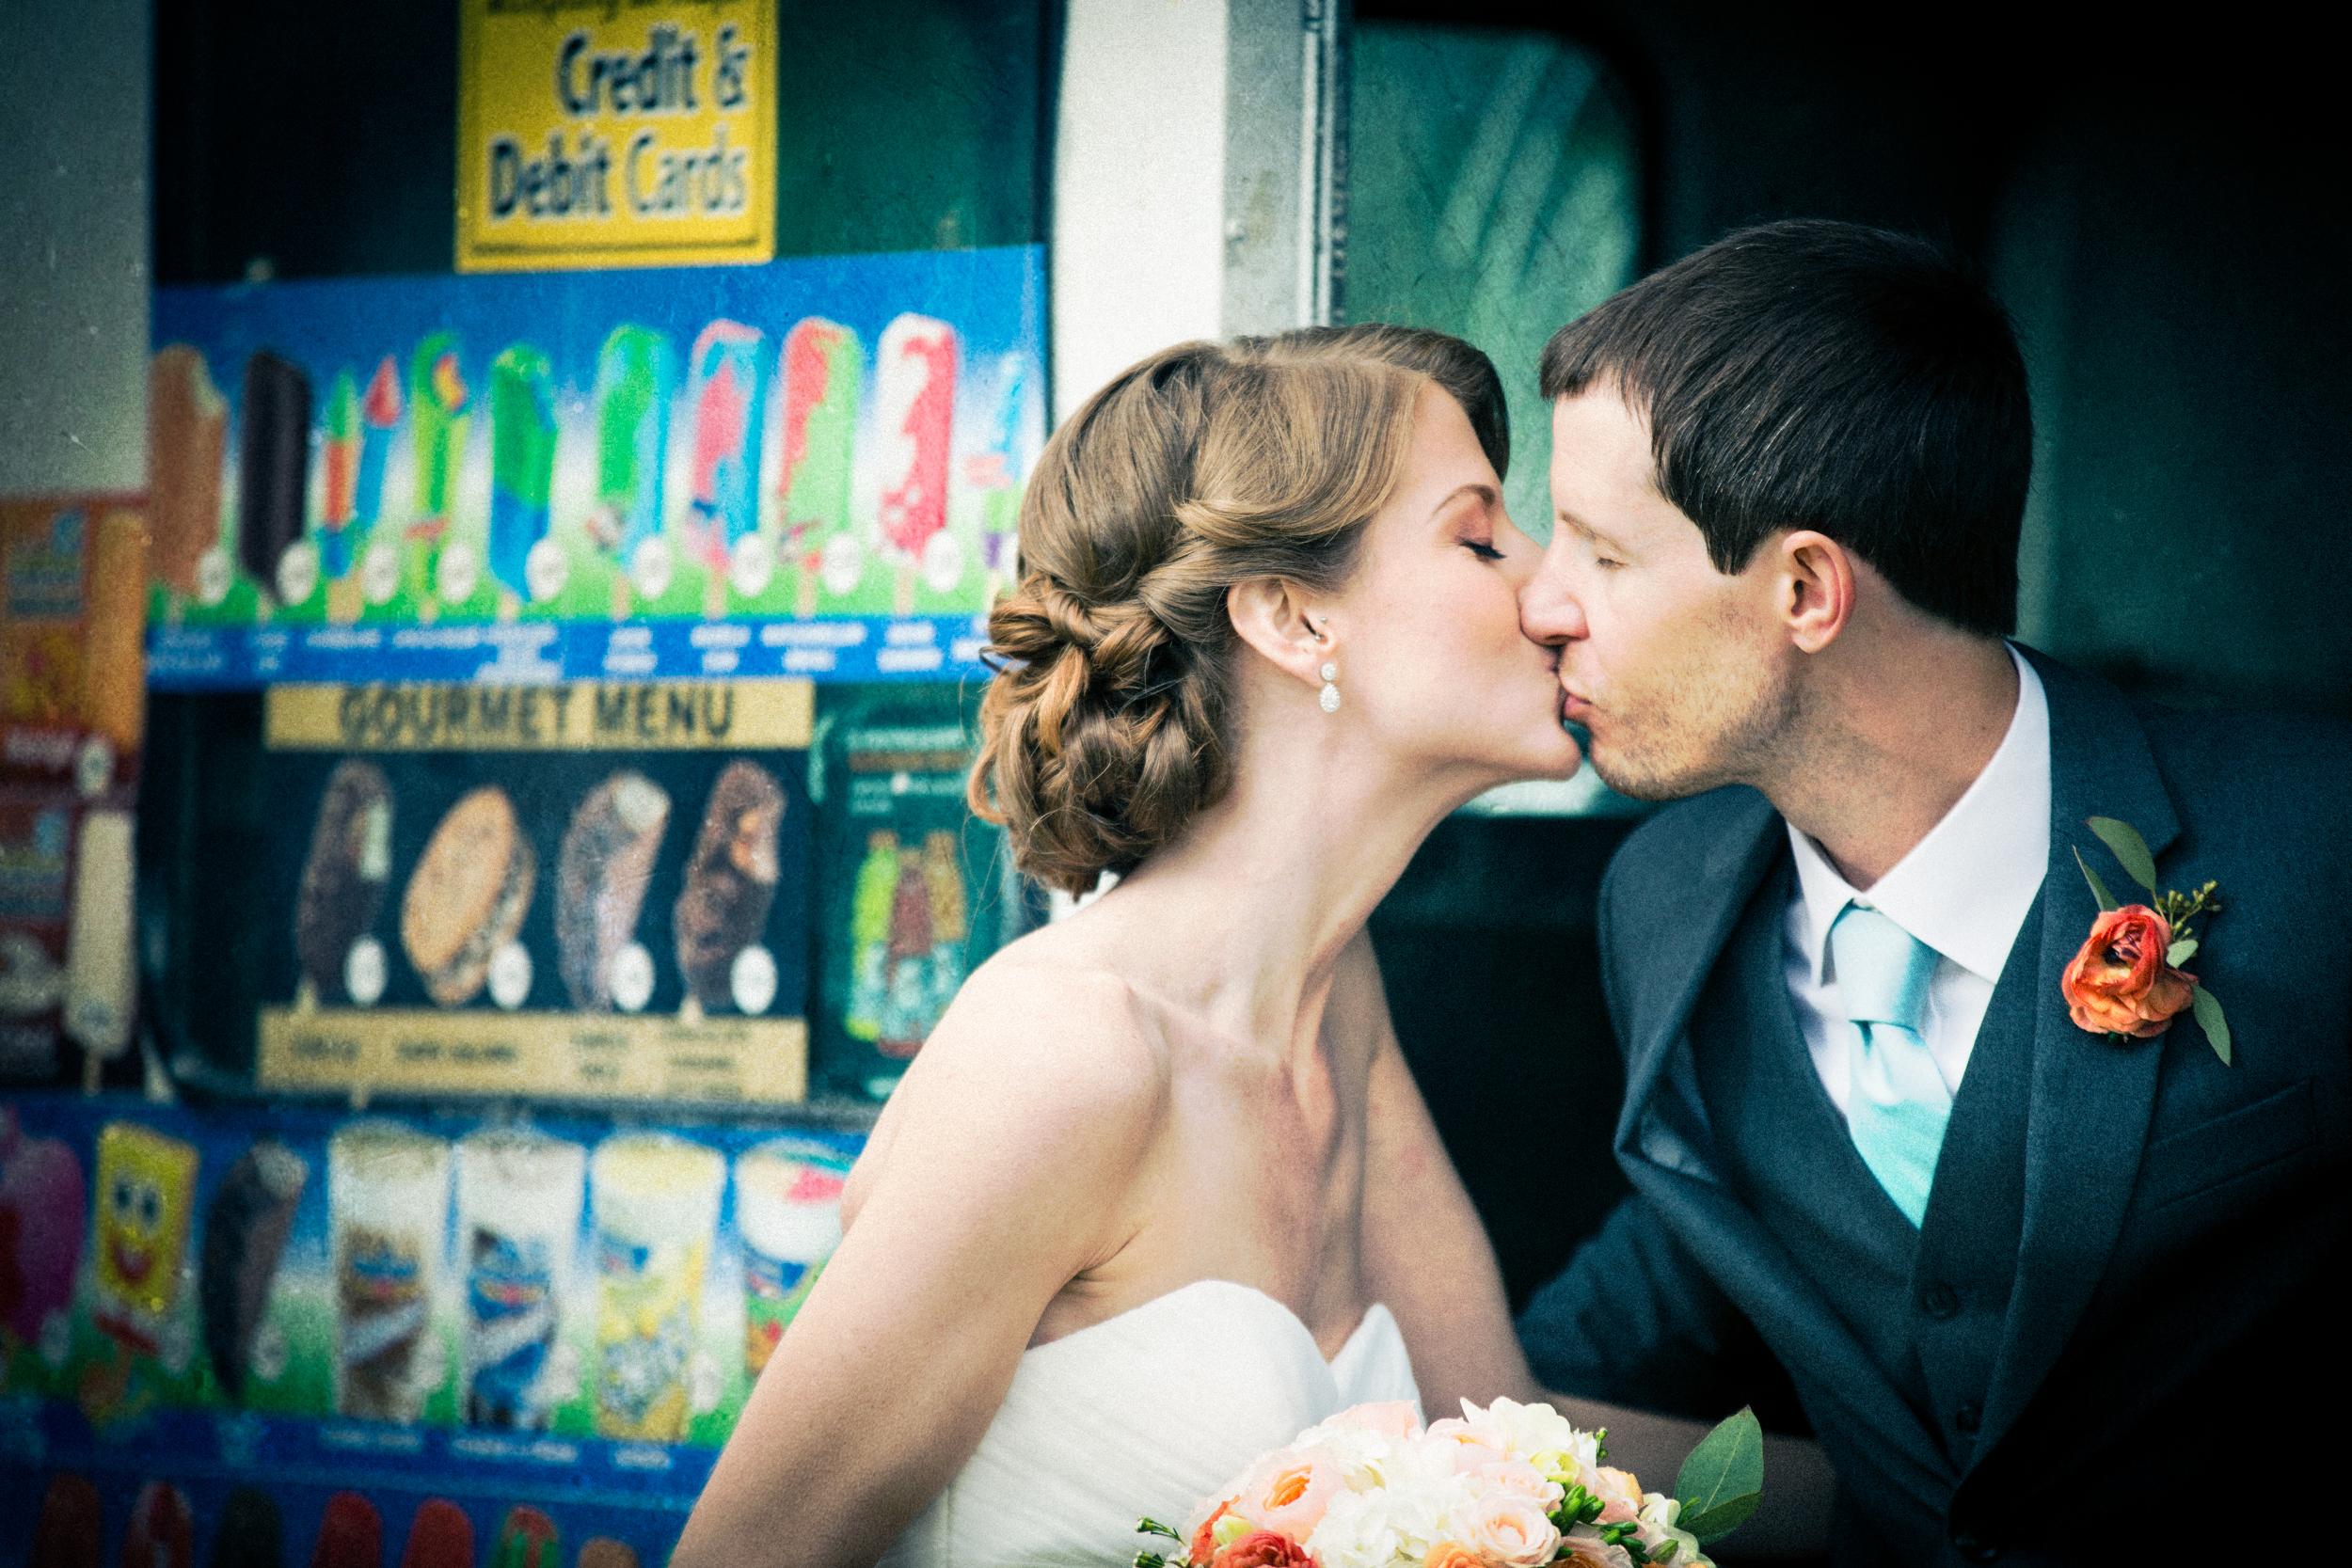 052219_Wedding-ASWeb-4.jpg